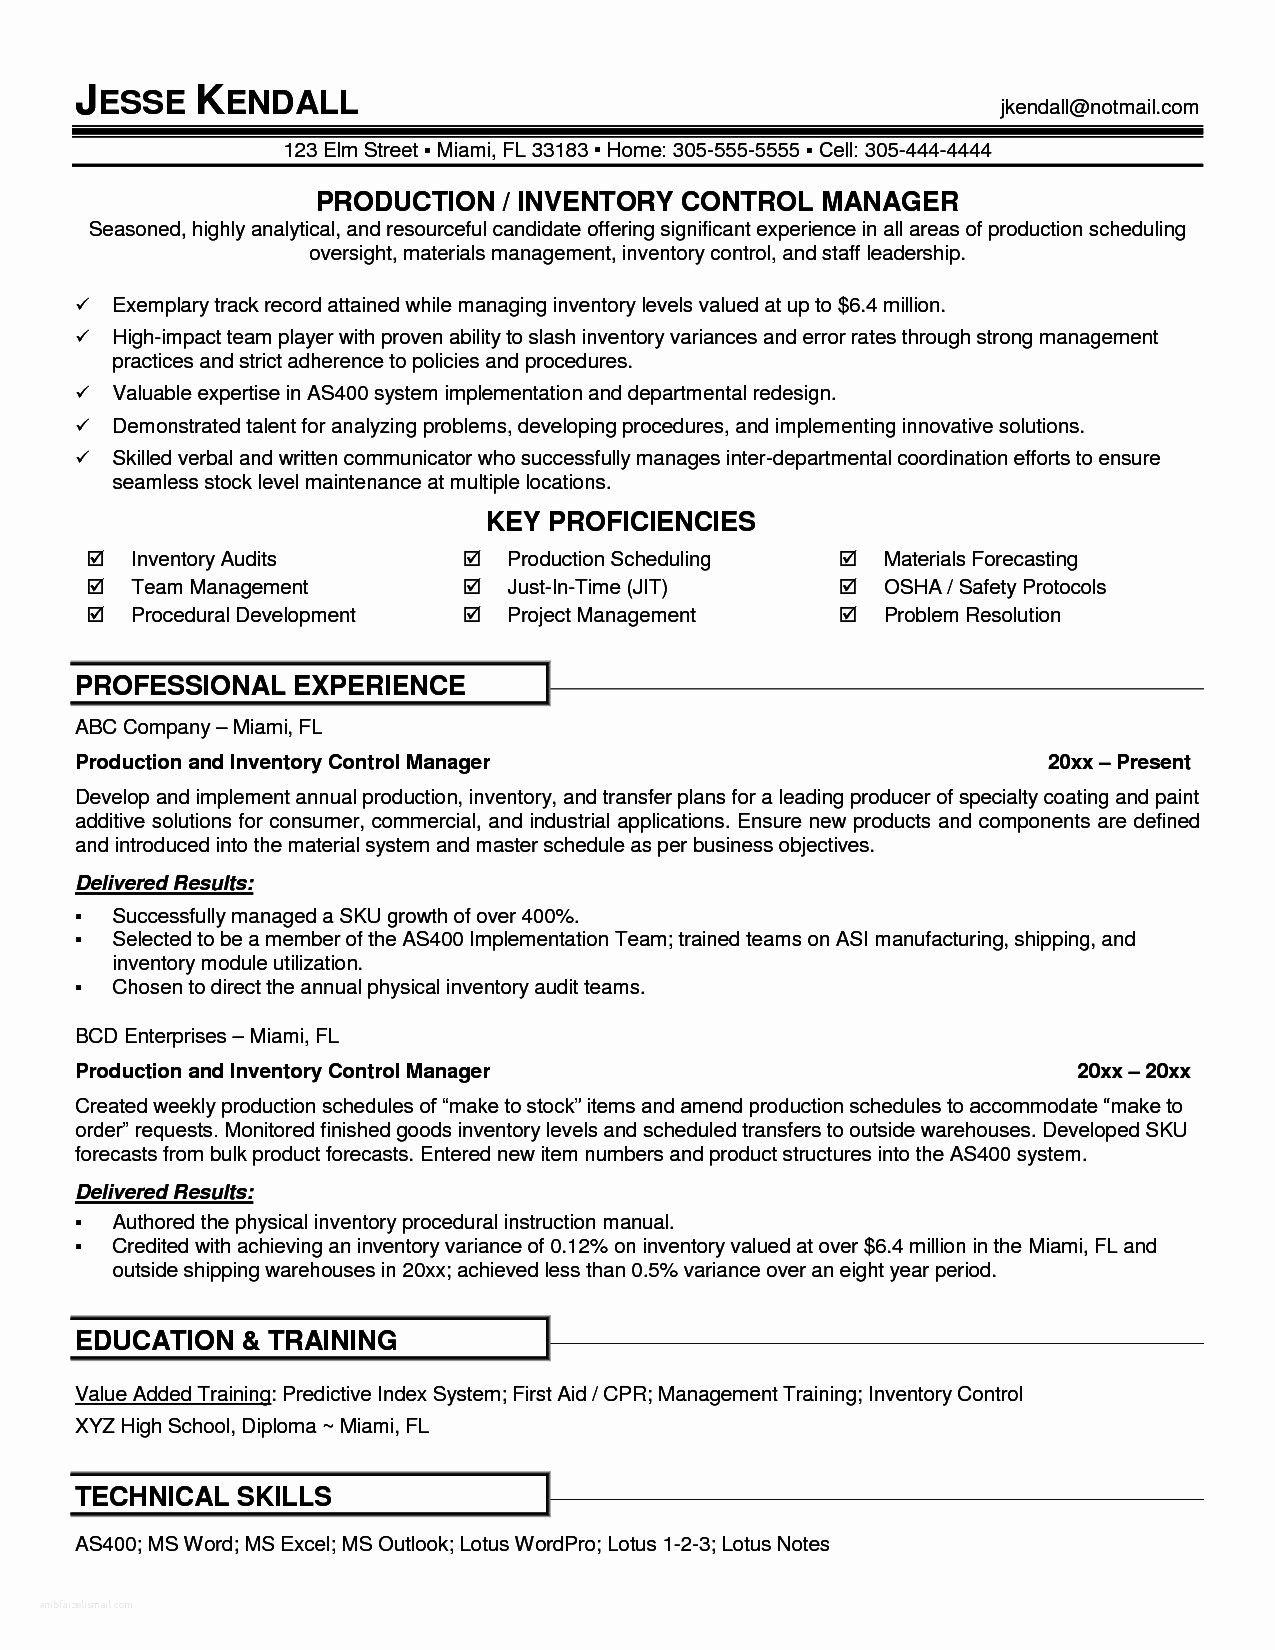 Production assistant job description resume luxury 8 9